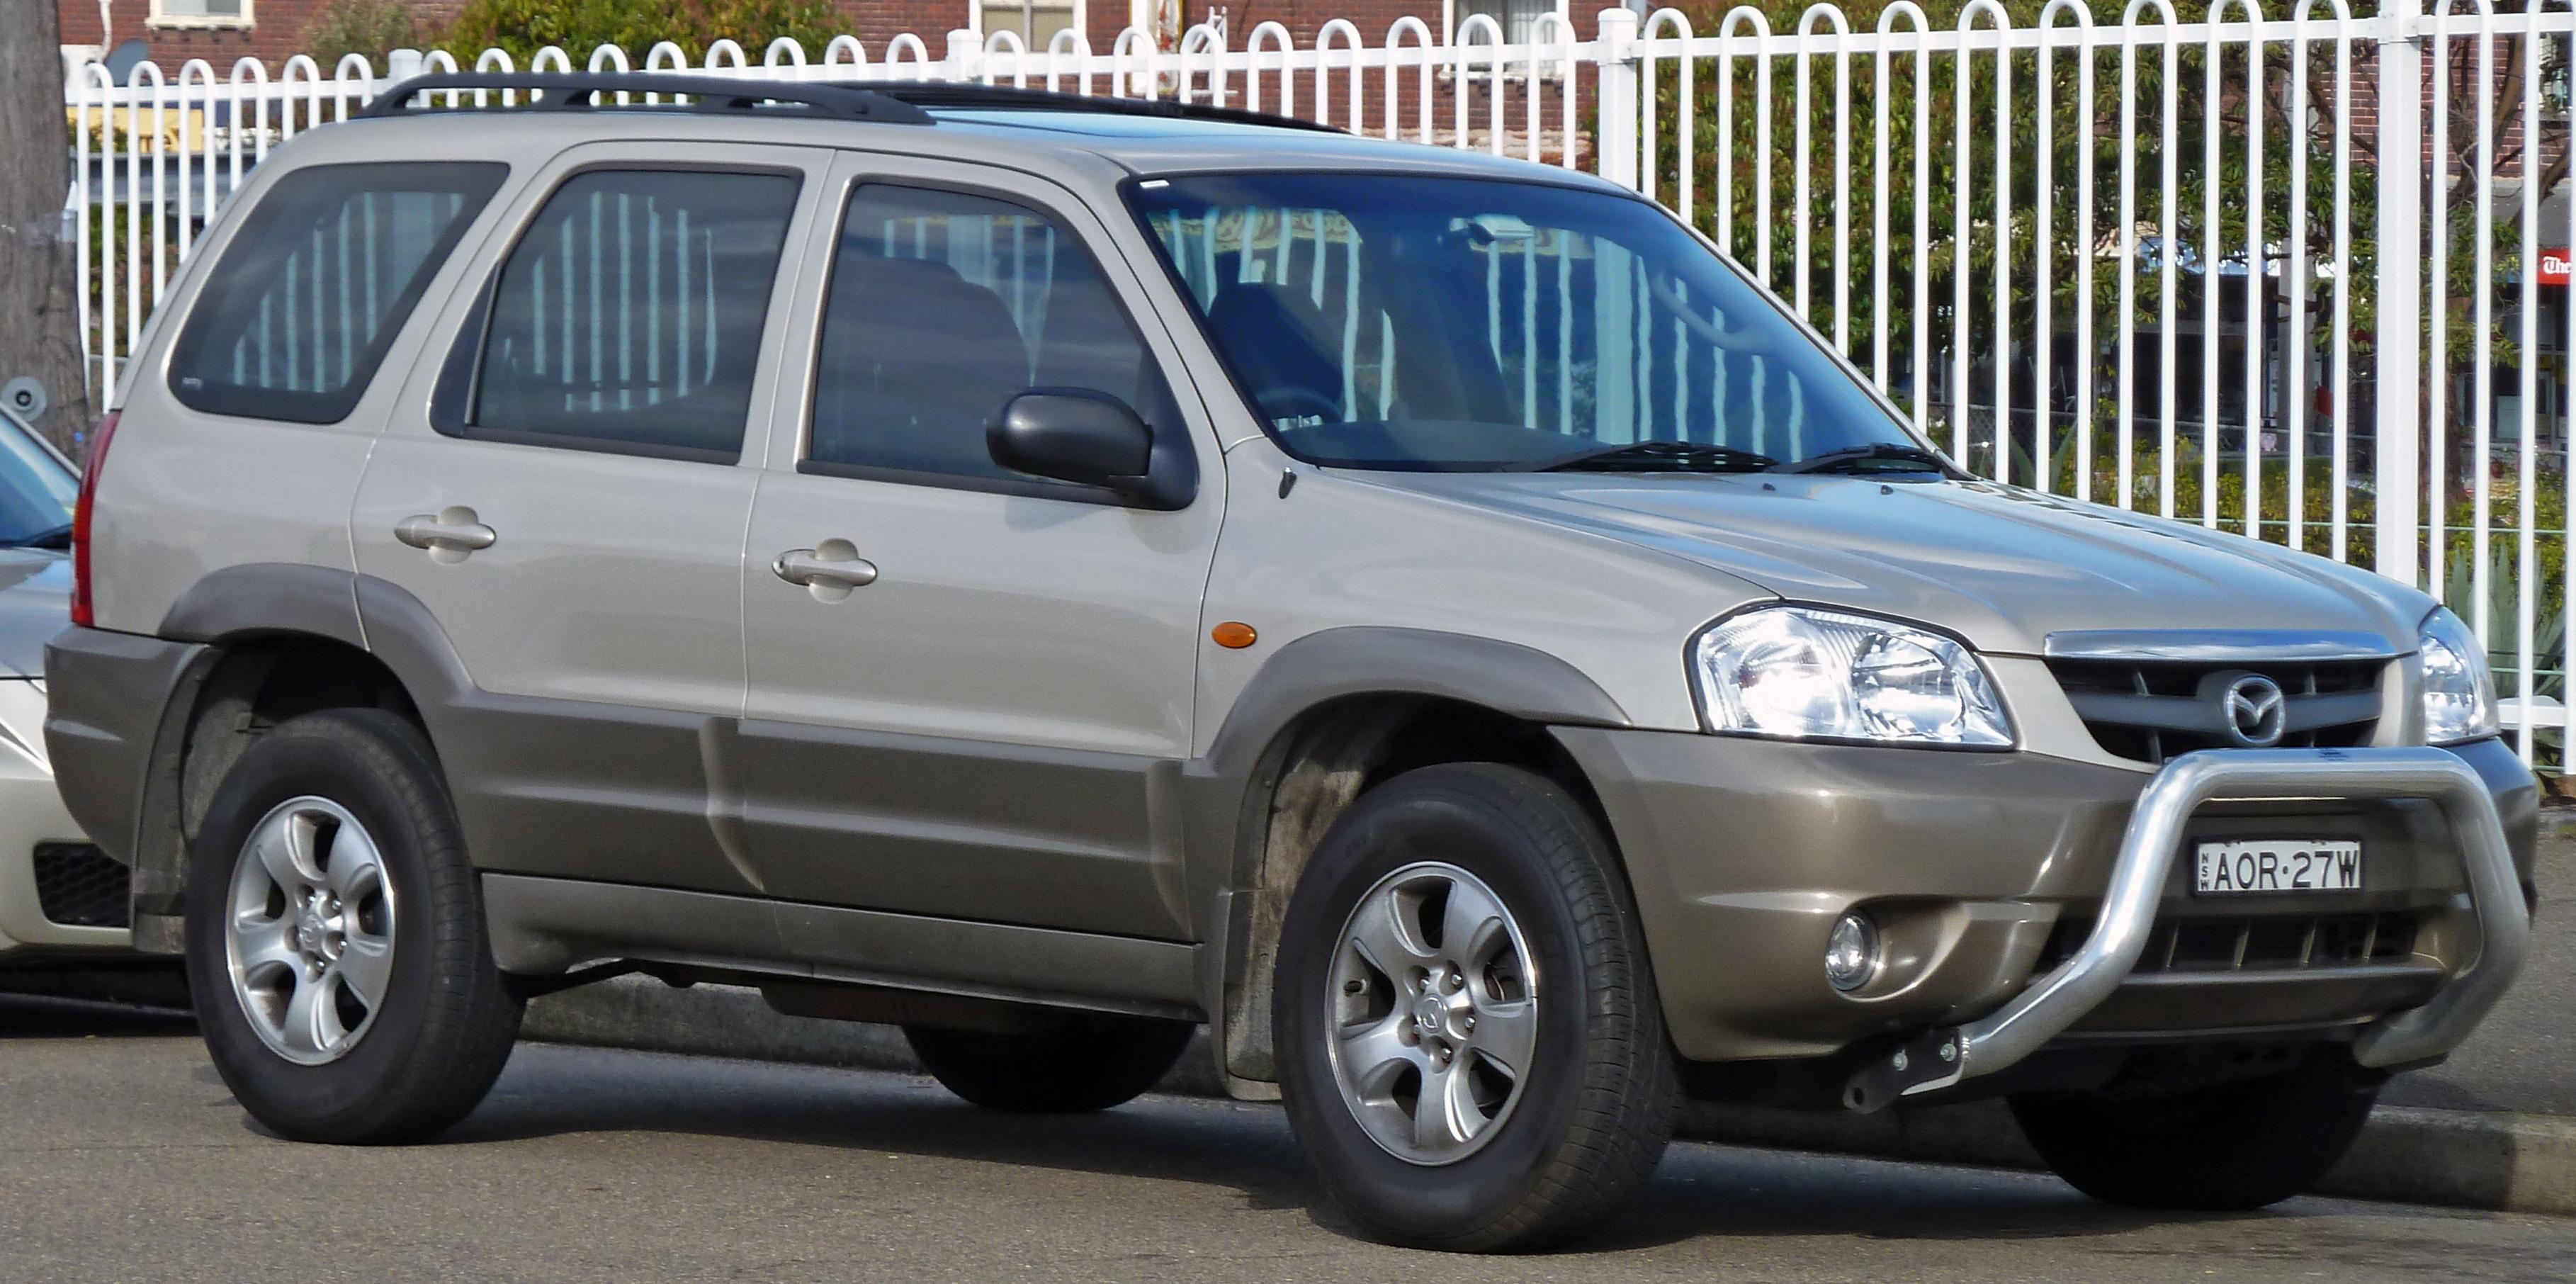 File2003 mazda tribute my03 classic v6 wagon 2010 07 21g file2003 mazda tribute my03 classic v6 wagon 2010 07 sciox Image collections